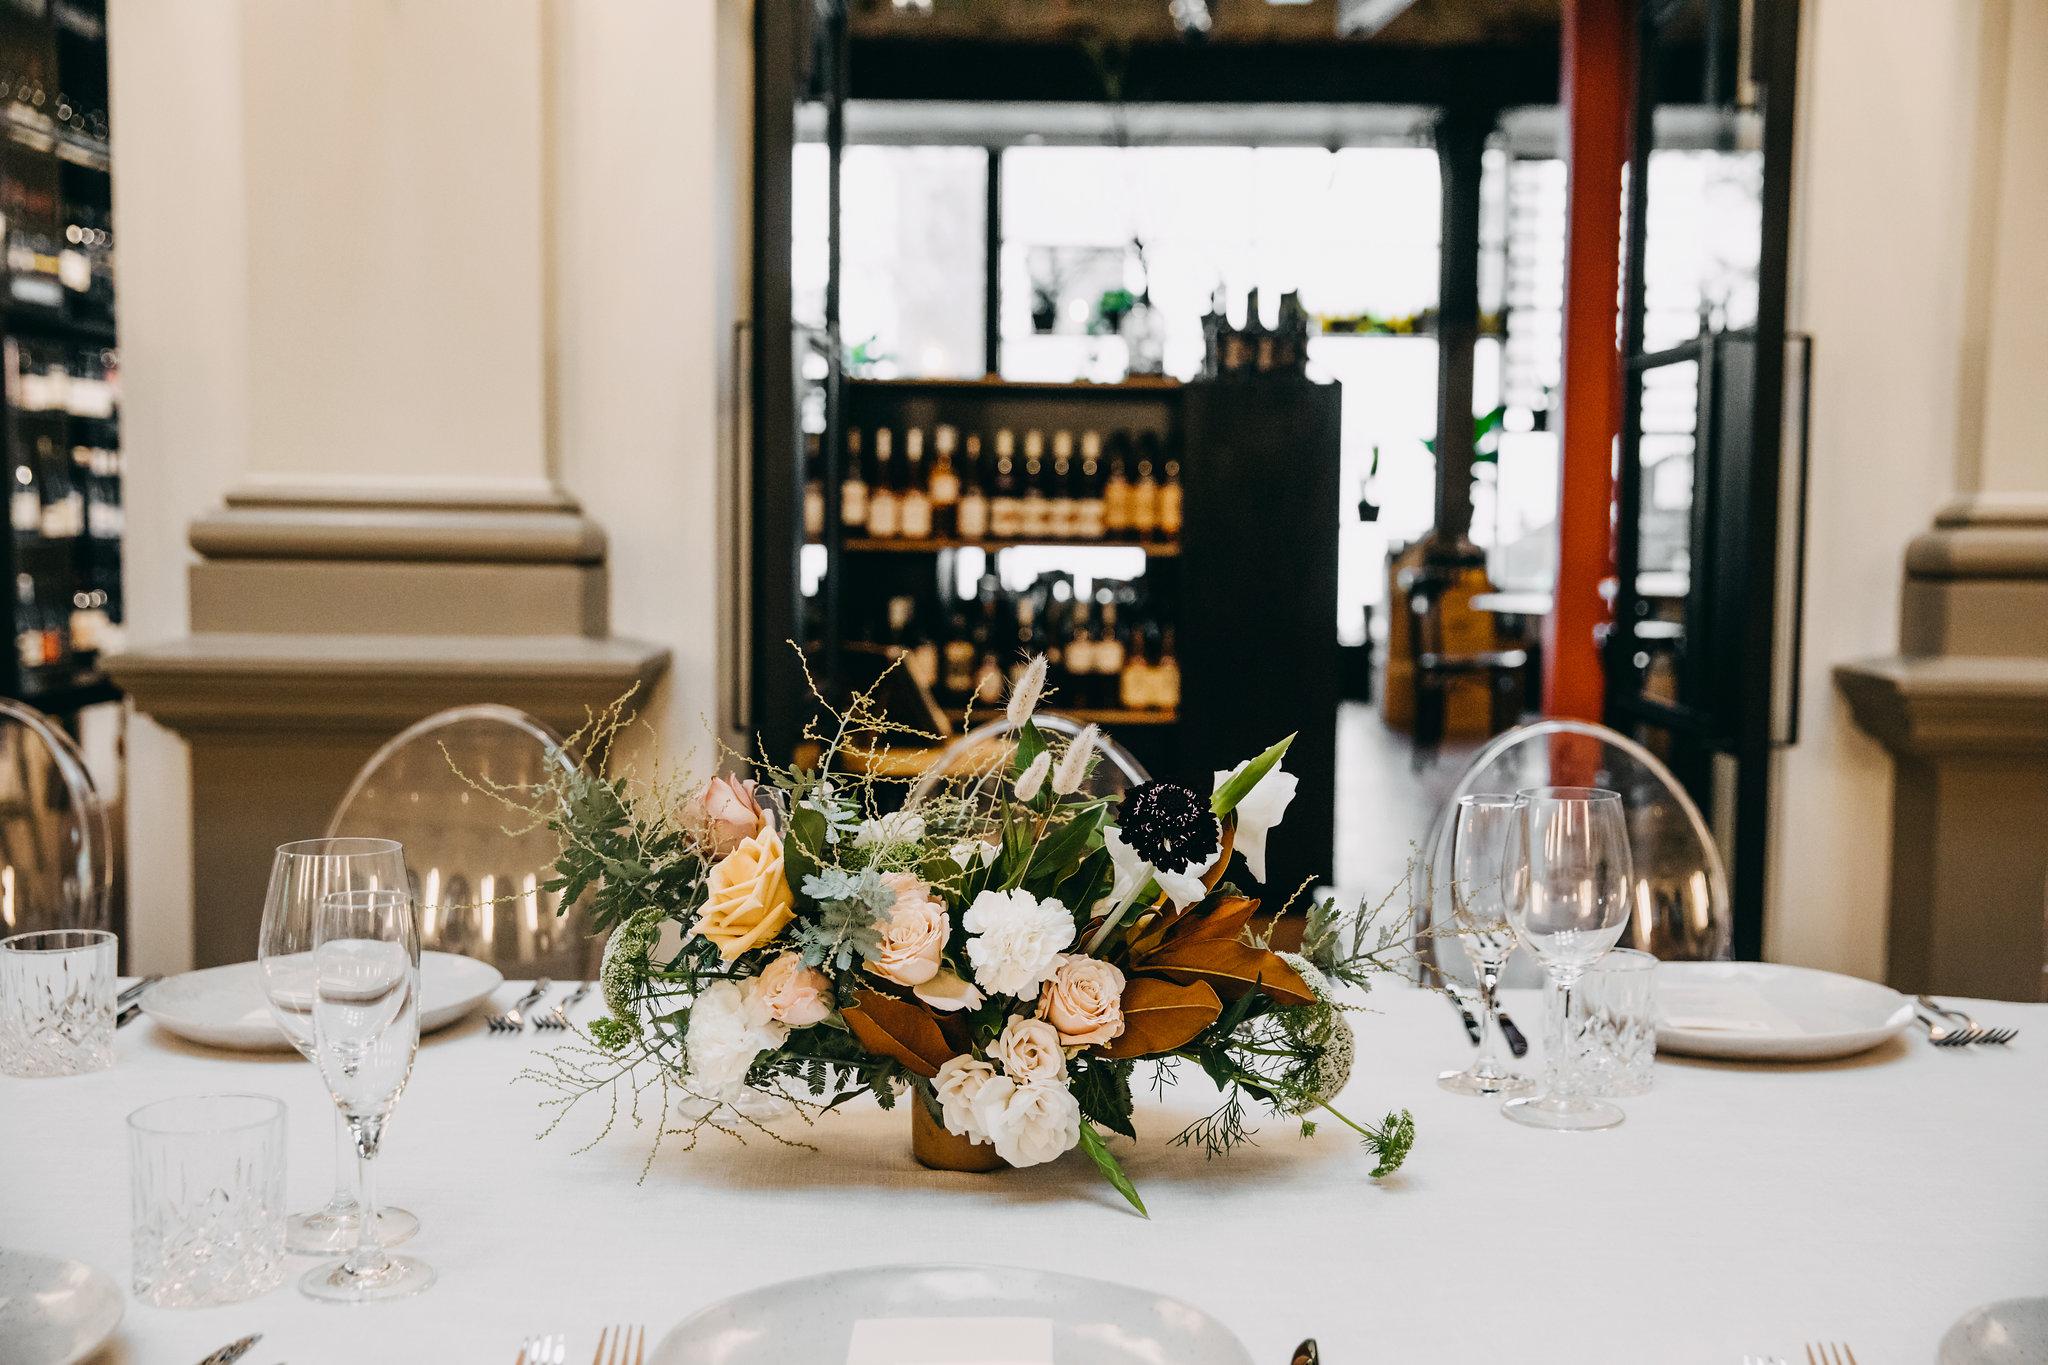 WEDDINGOPENDAY-STATEBUILDINGS-APR2018-51